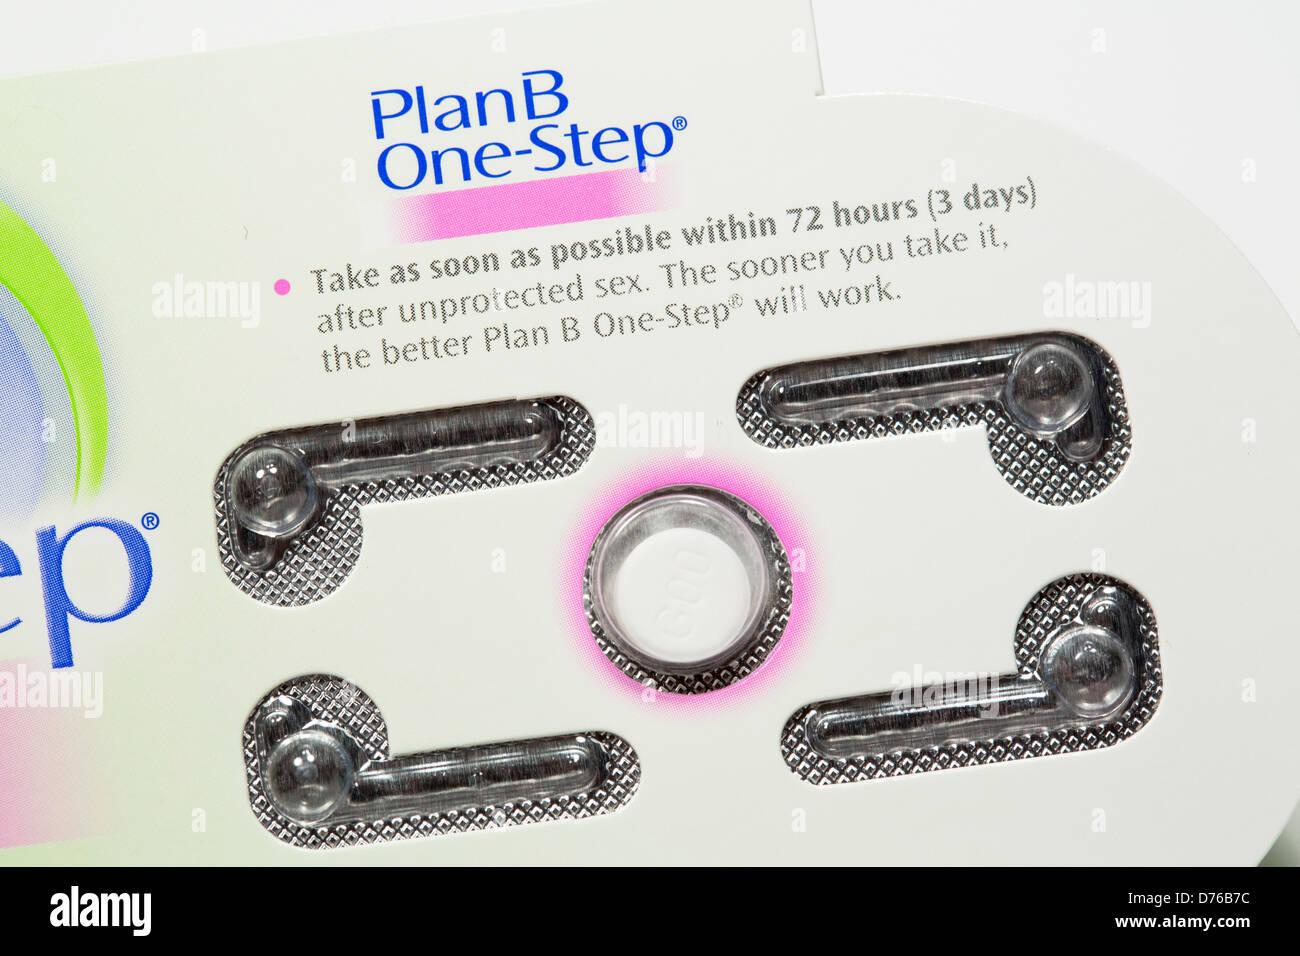 """Ein Plan B (Levonorgestrel) empfängnisverhütende Pille, auch bekannt als der """"Morgen danach Pille"""" Stockbild"""